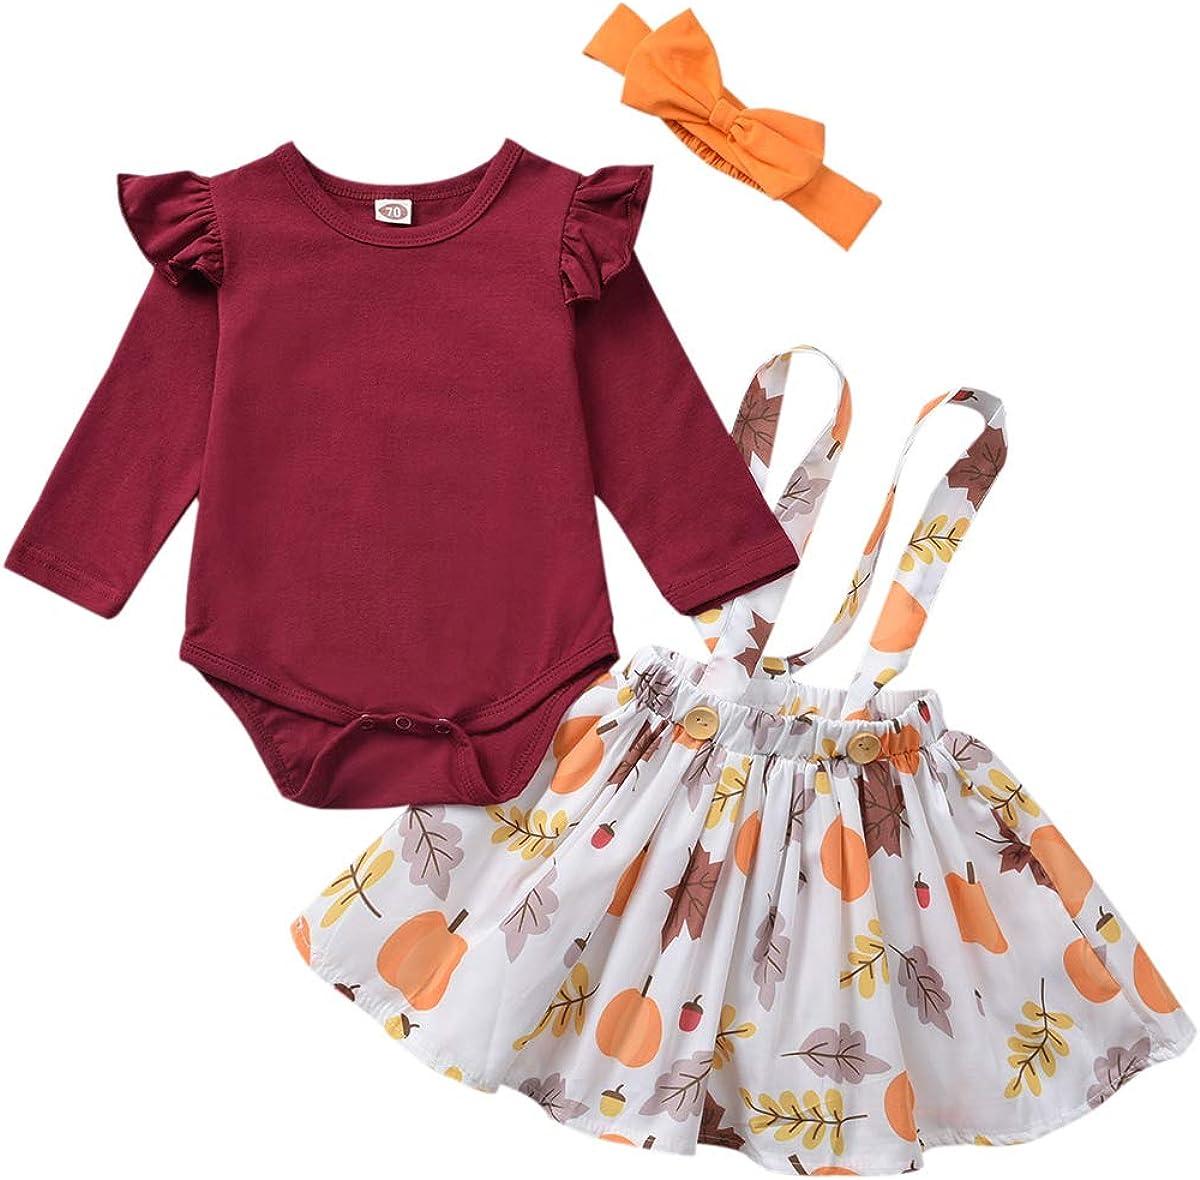 Newborn Baby Girls Halloween/Thanksgiving Clothes Long Sleeve Romper + Pumpkin Print Strap Dress + Headband Skirt Set